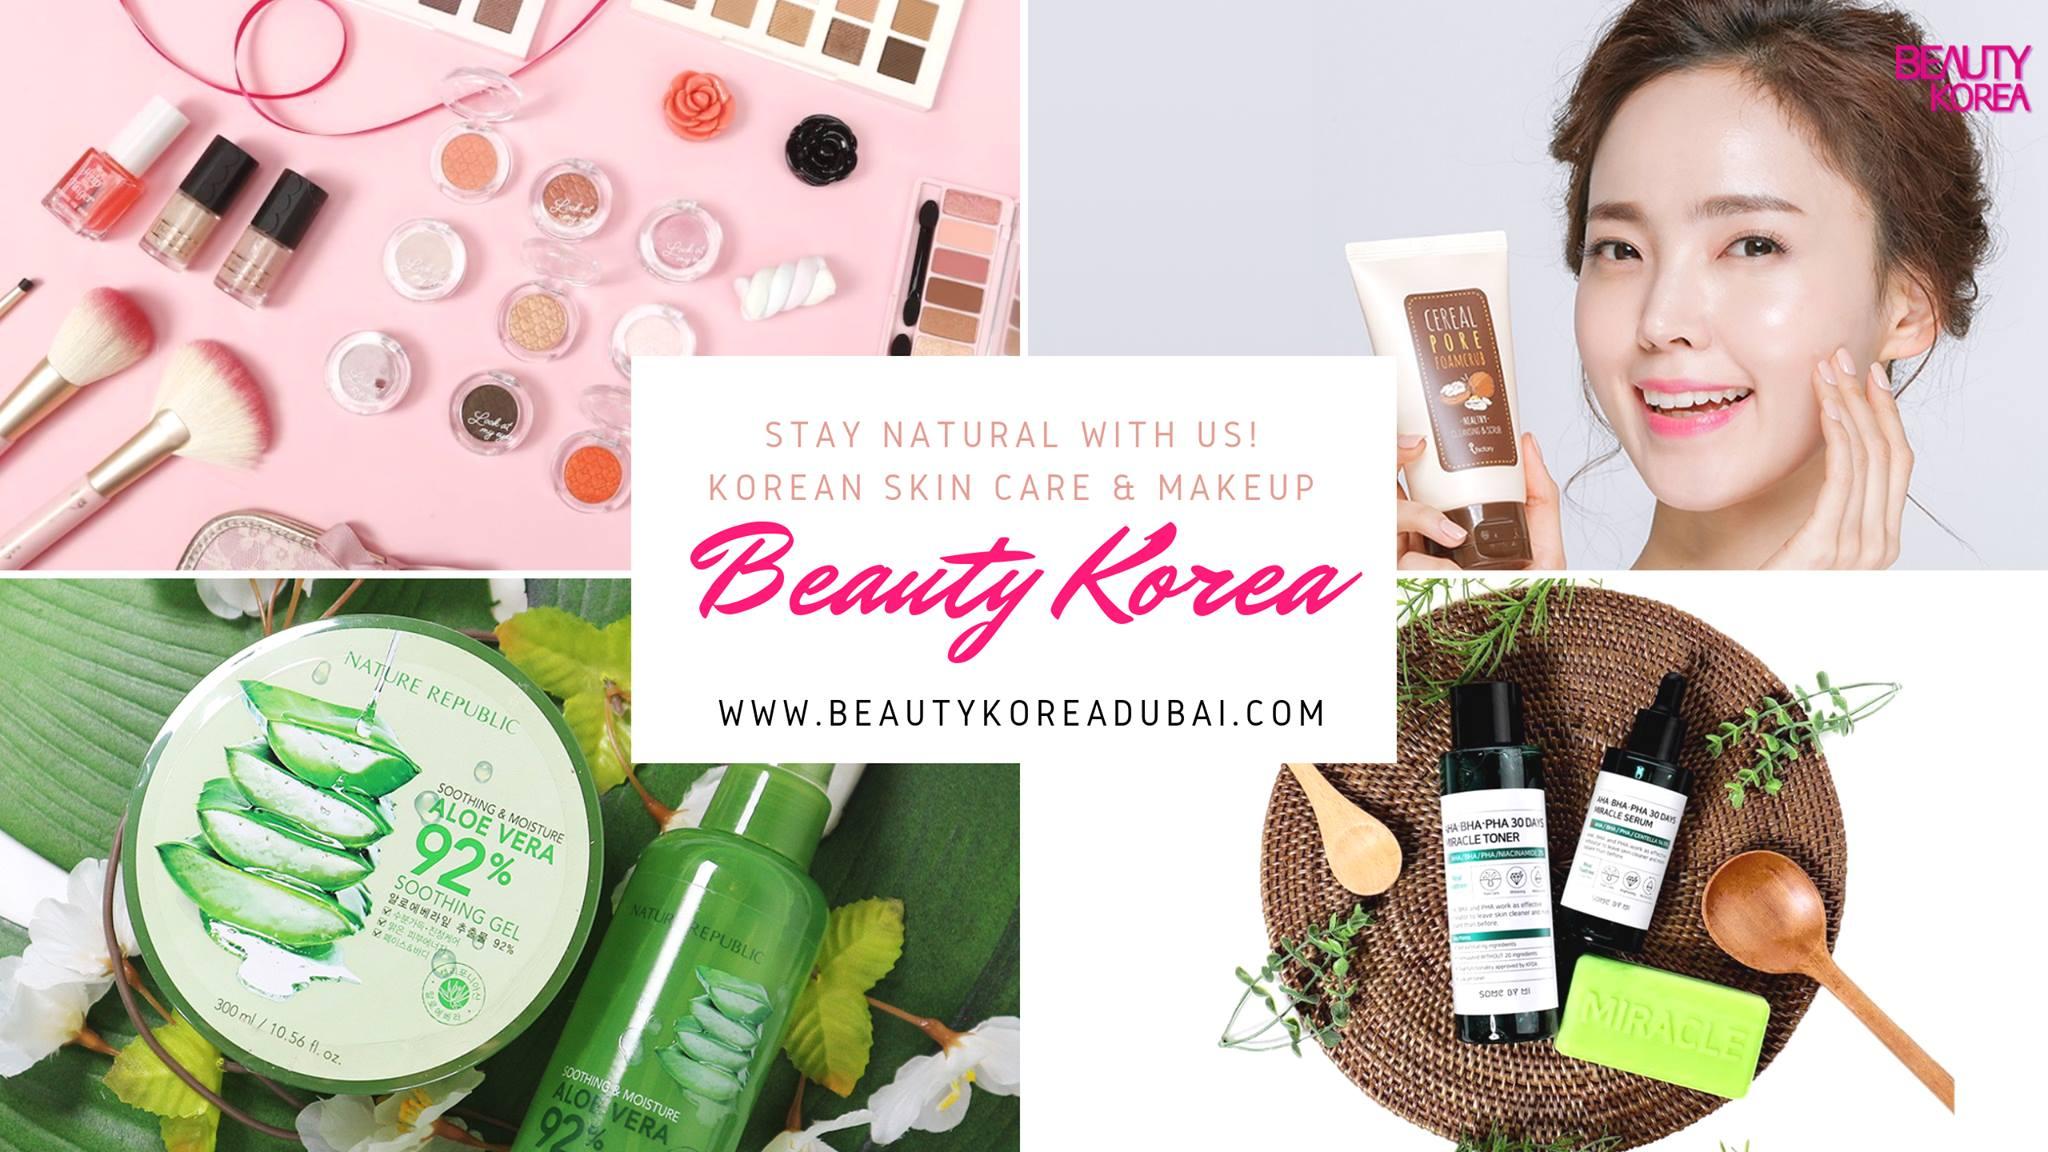 Beauty Korea Dubai Promo Codes.jpg